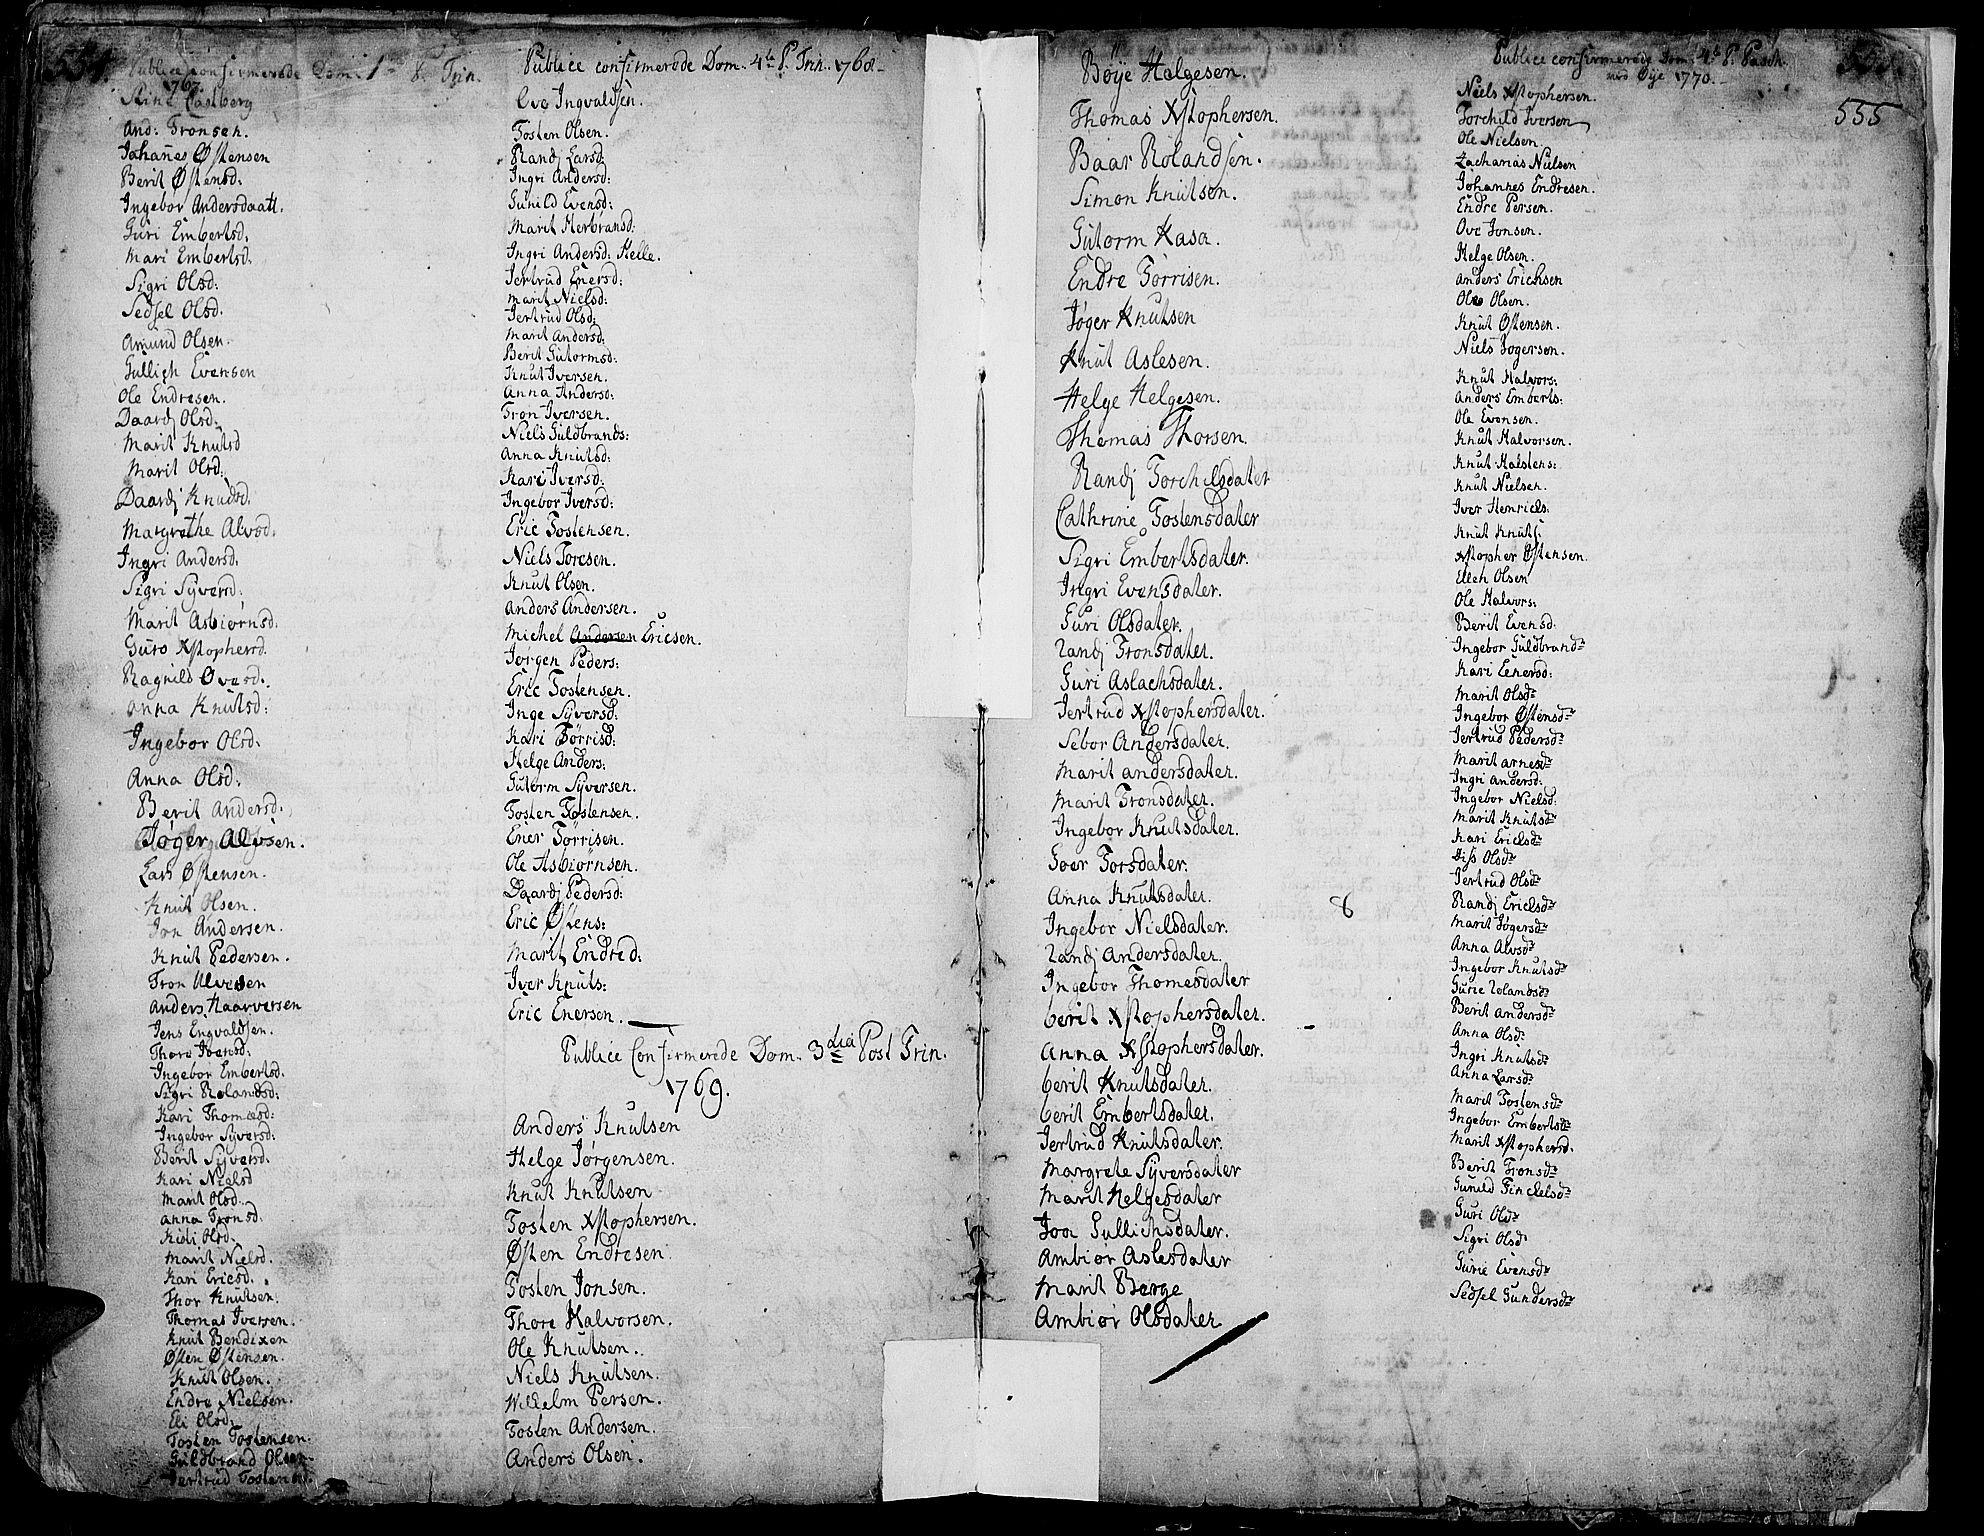 SAH, Vang prestekontor, Valdres, Ministerialbok nr. 1, 1730-1796, s. 554-555